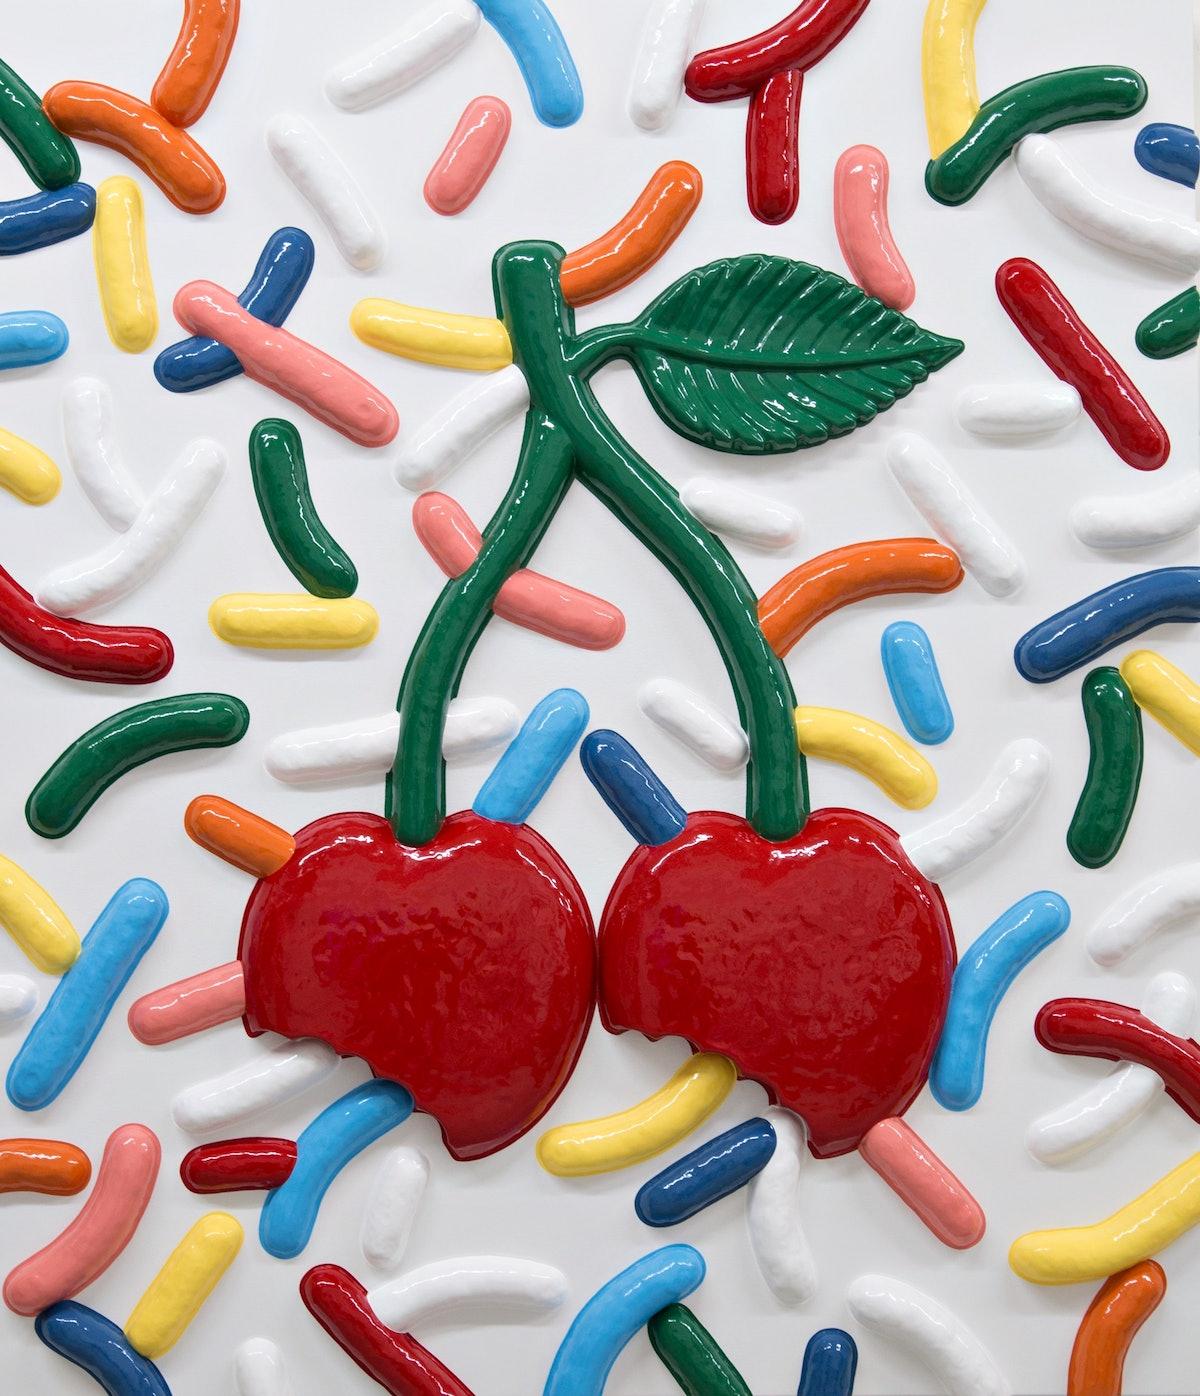 Matthew-Palladino-Cherries.jpg